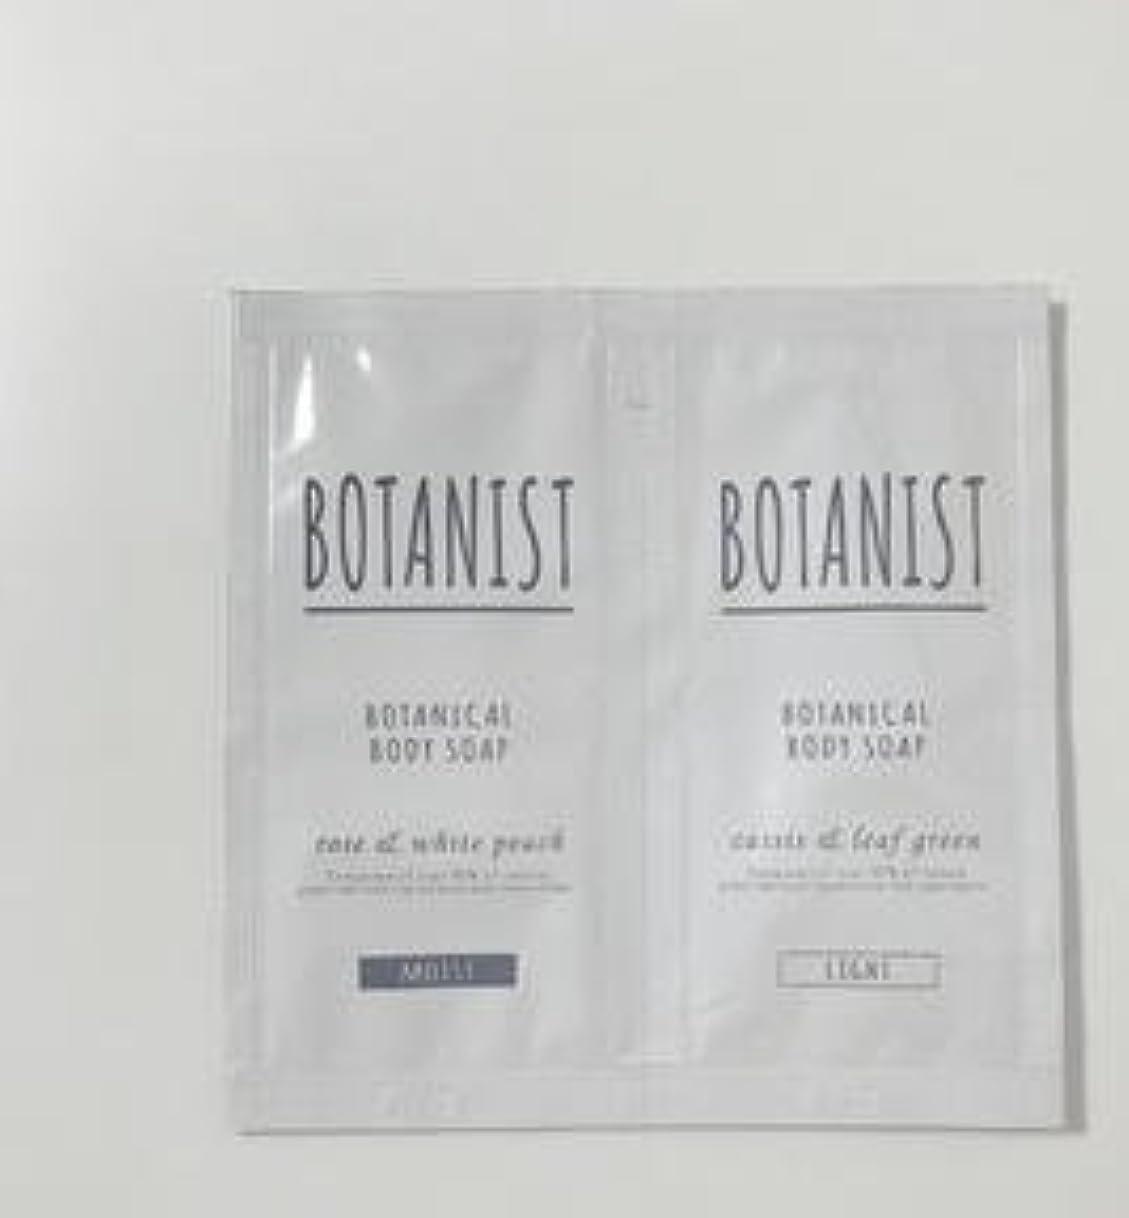 敵意自分の飢えたBOTANIST ボタニカル ボディーソープ ライト&モイスト トライアルセット 8ml×2 (ライト&モイスト, 1個)